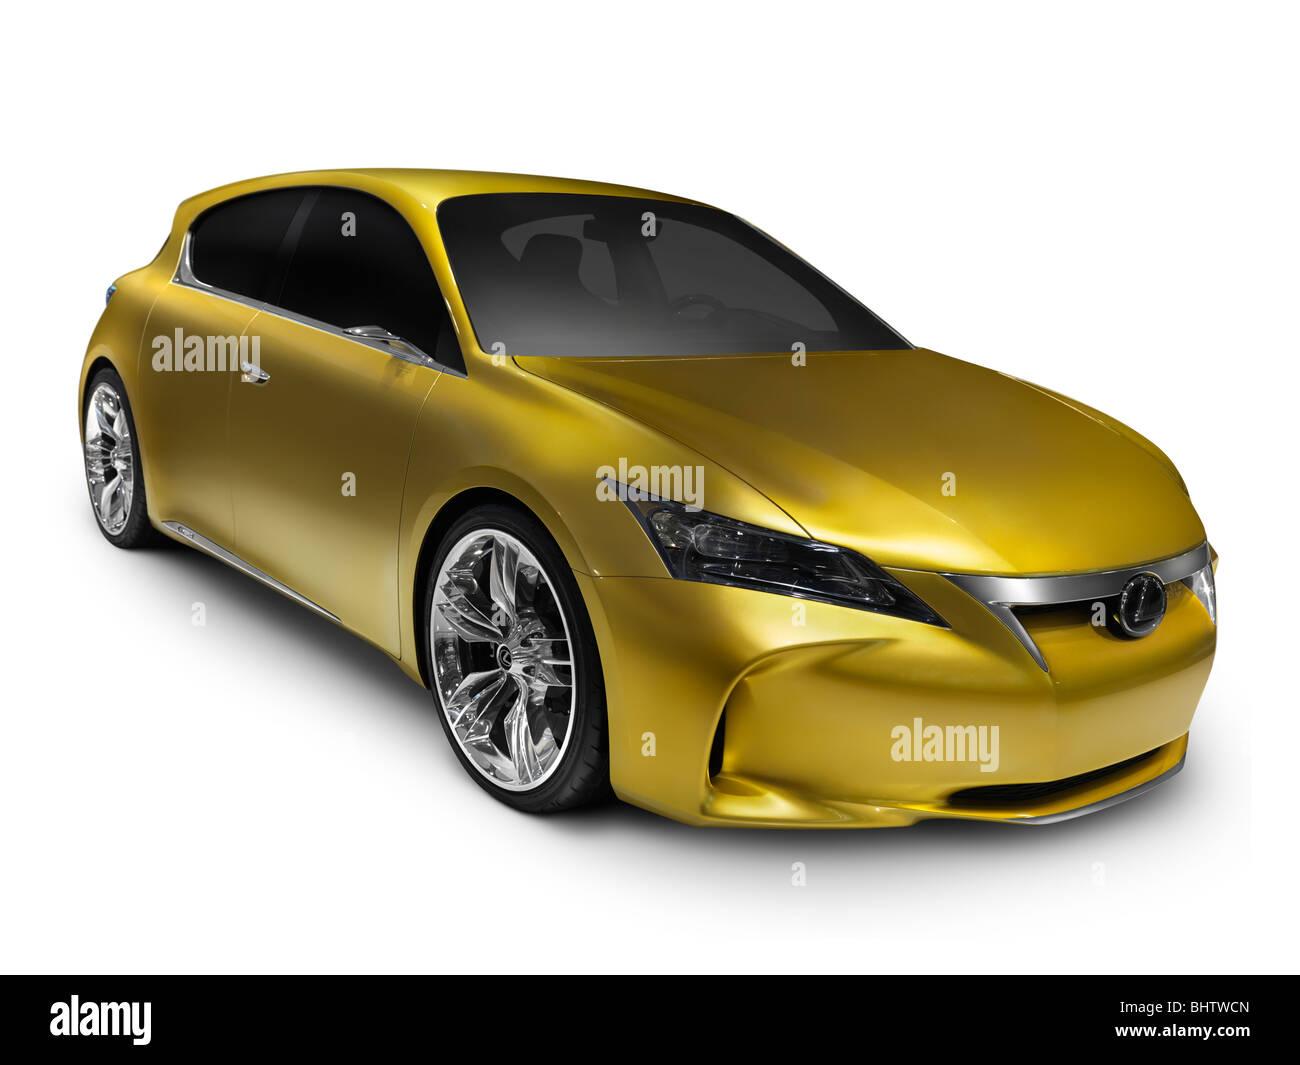 Oro Lucido Lexus LF-Ch hybrid concept car. Isolato su sfondo bianco con percorso di clipping. Immagini Stock